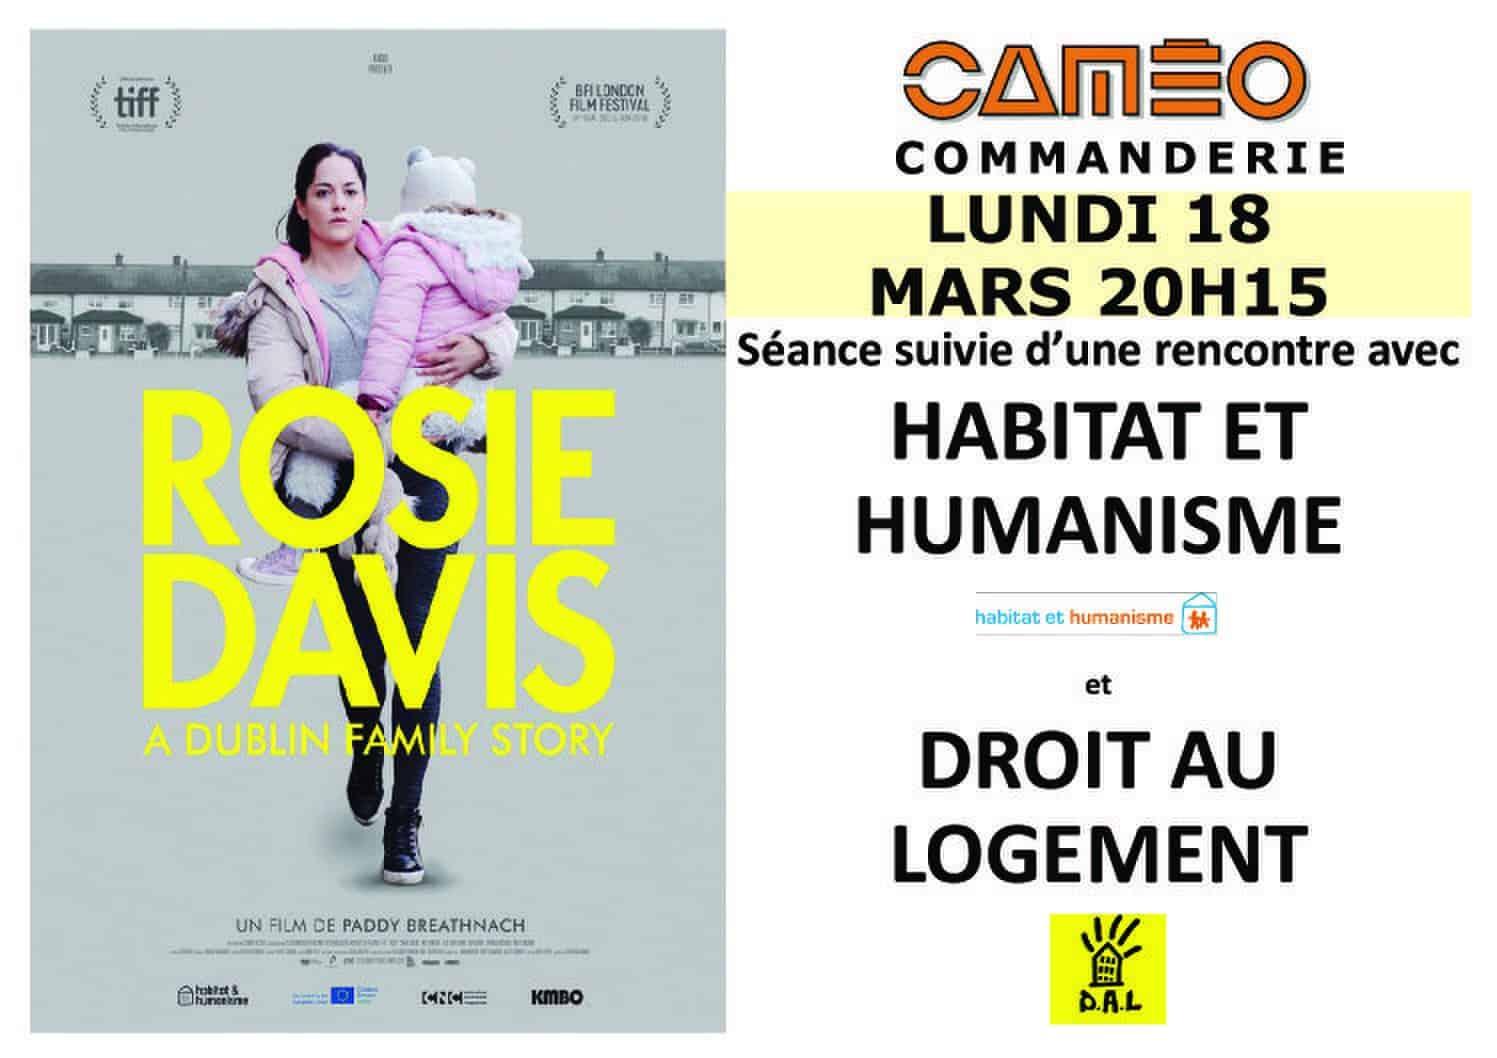 rosie-davis-affiche-caméo.pdf